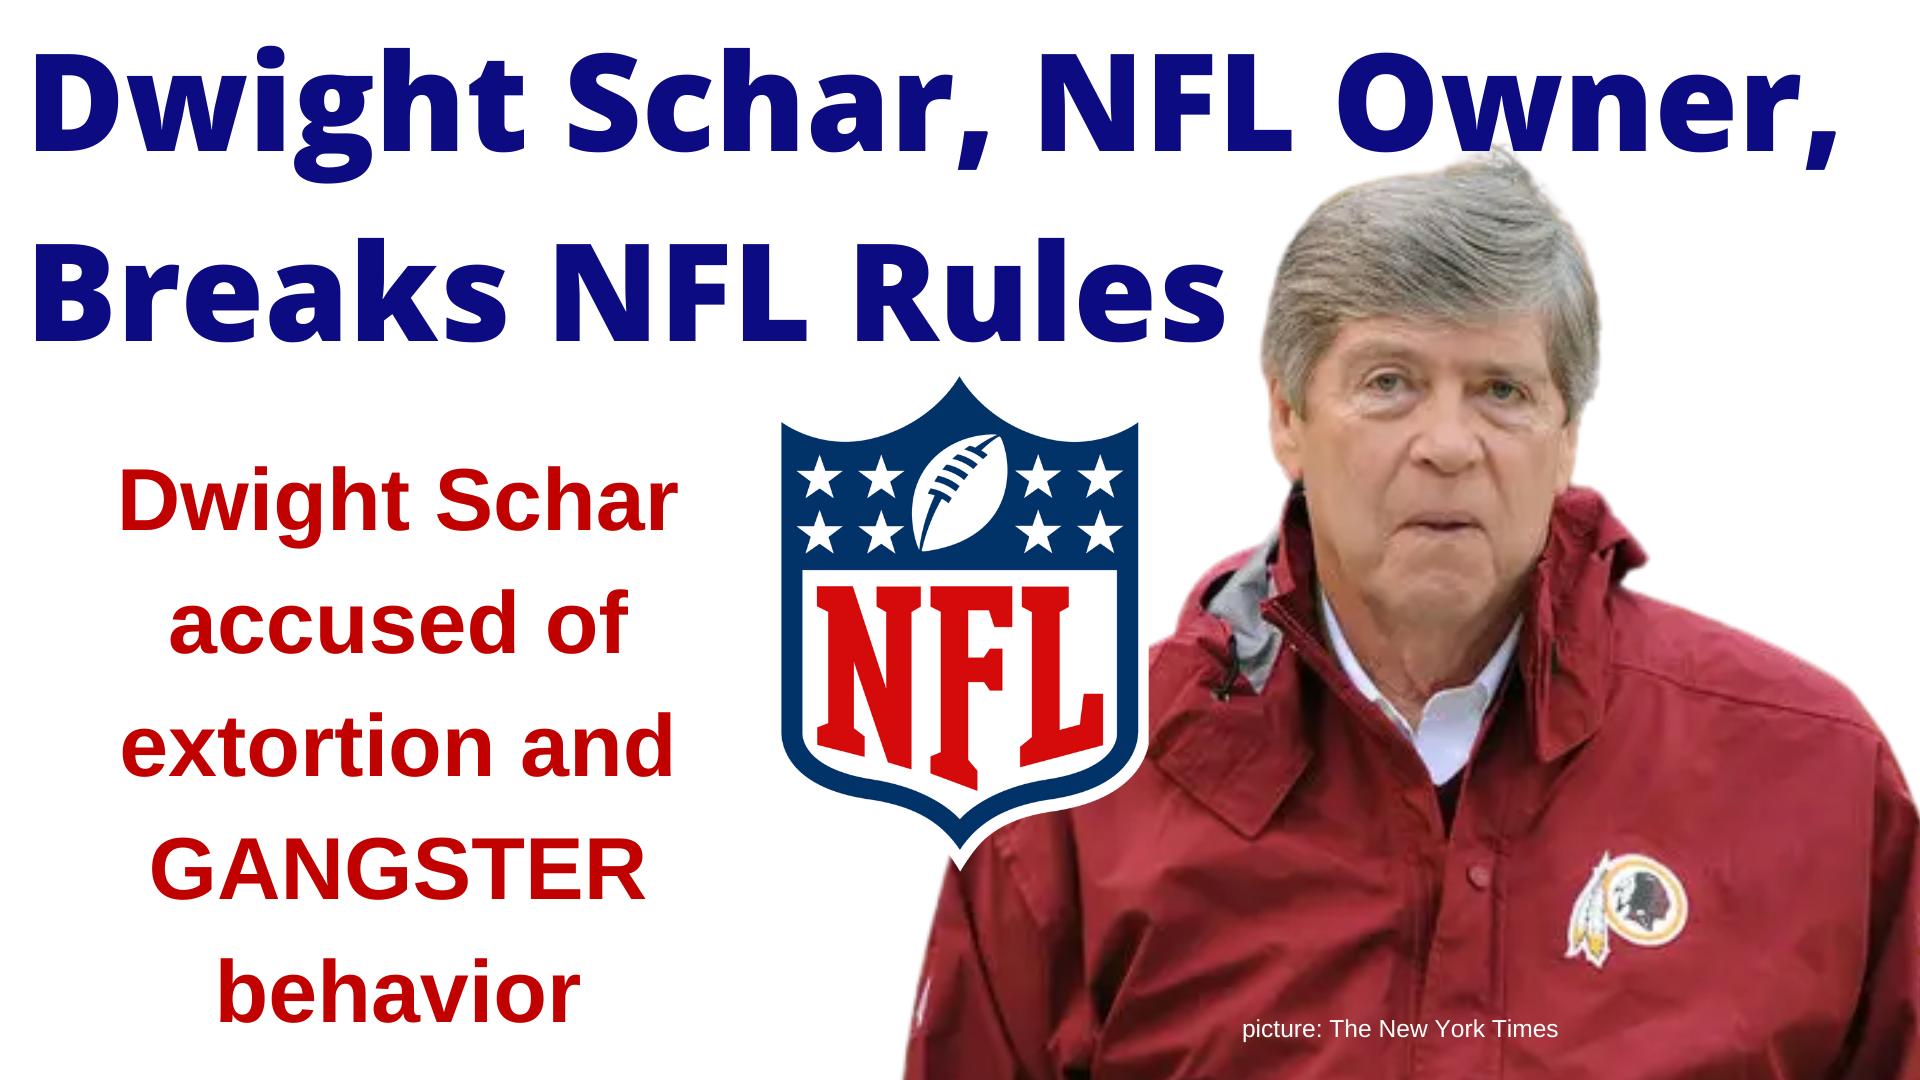 Dwight Schar, NFL Owner, Breaks NFL Rules